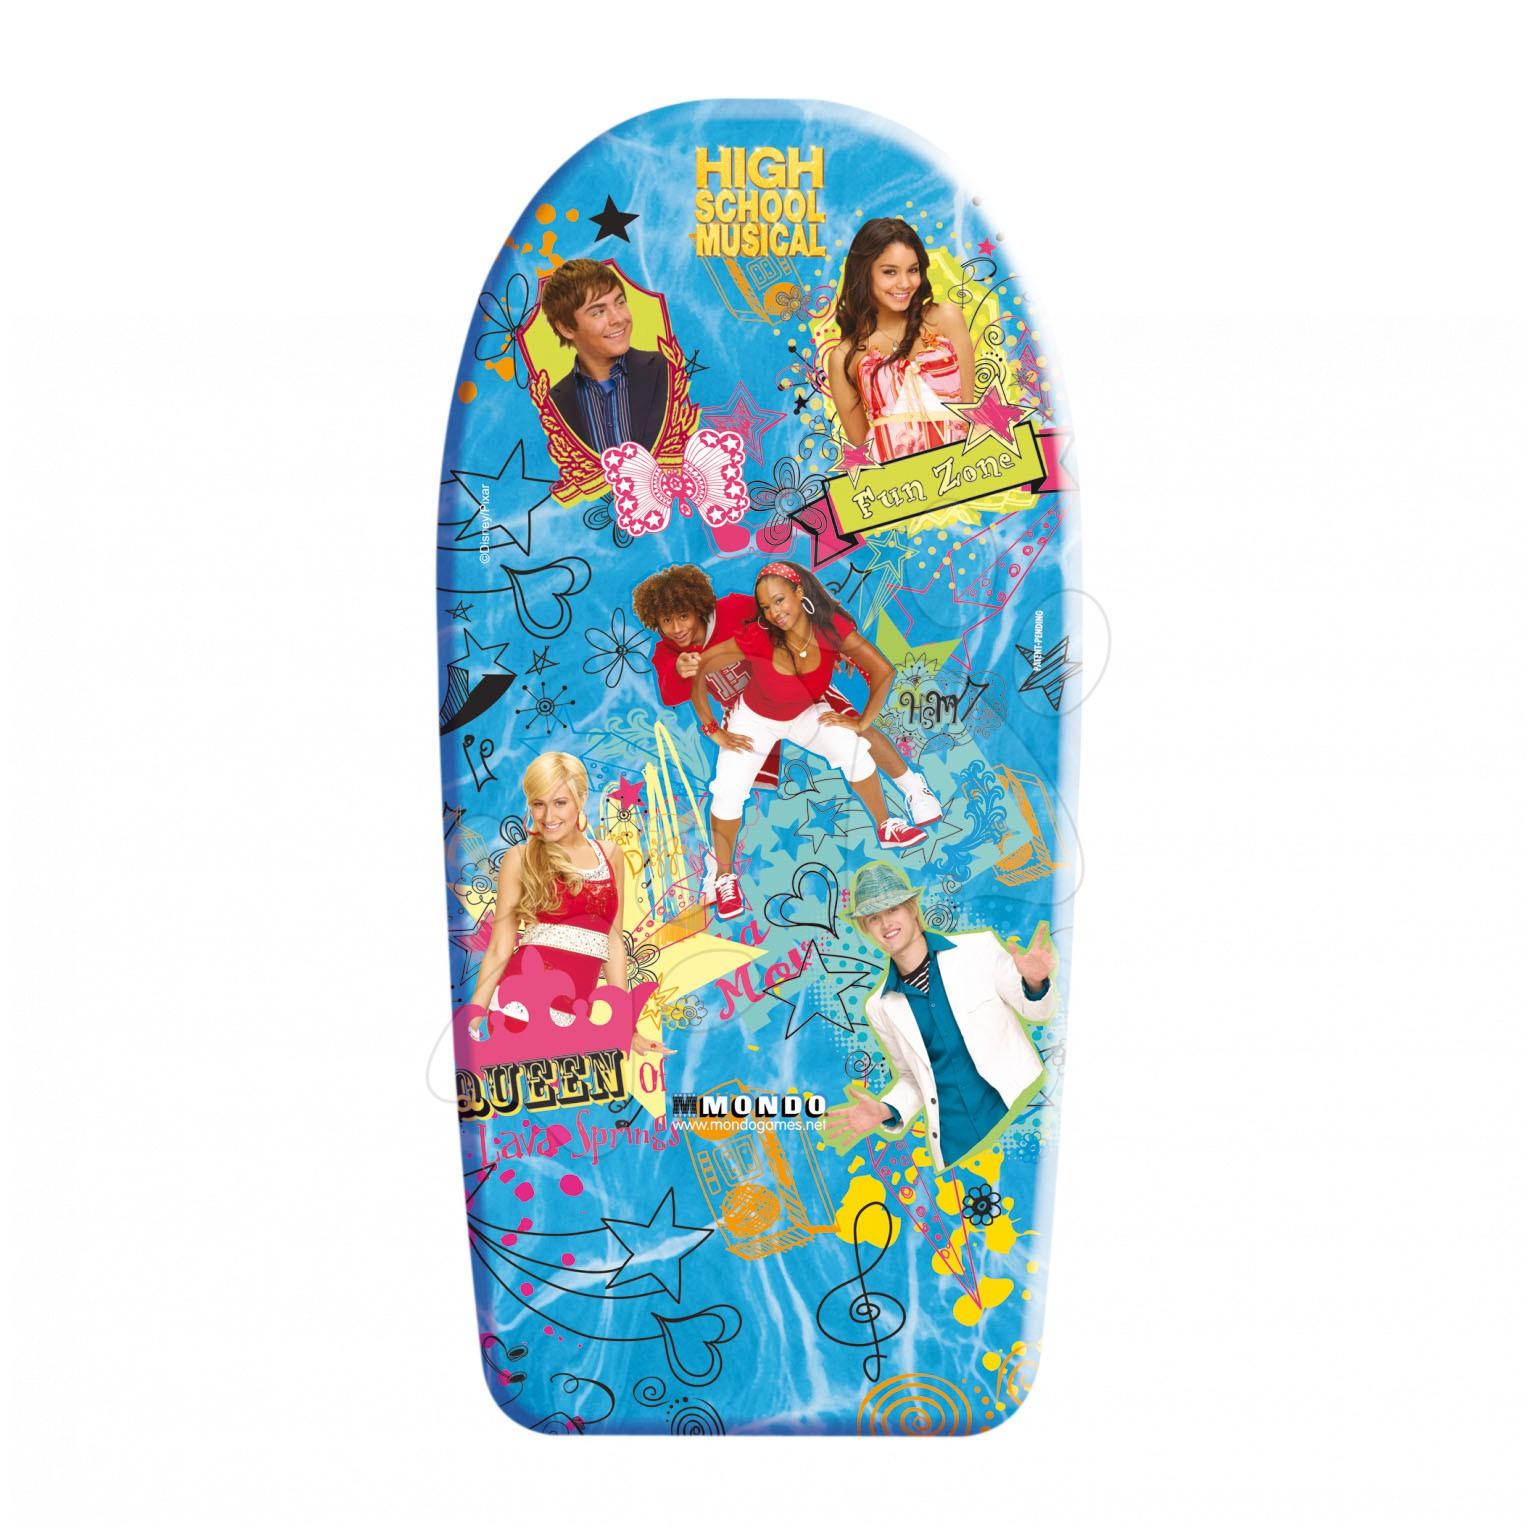 Produse vechi - Placă de înot din burete spumă High school musical Mondo 104cm